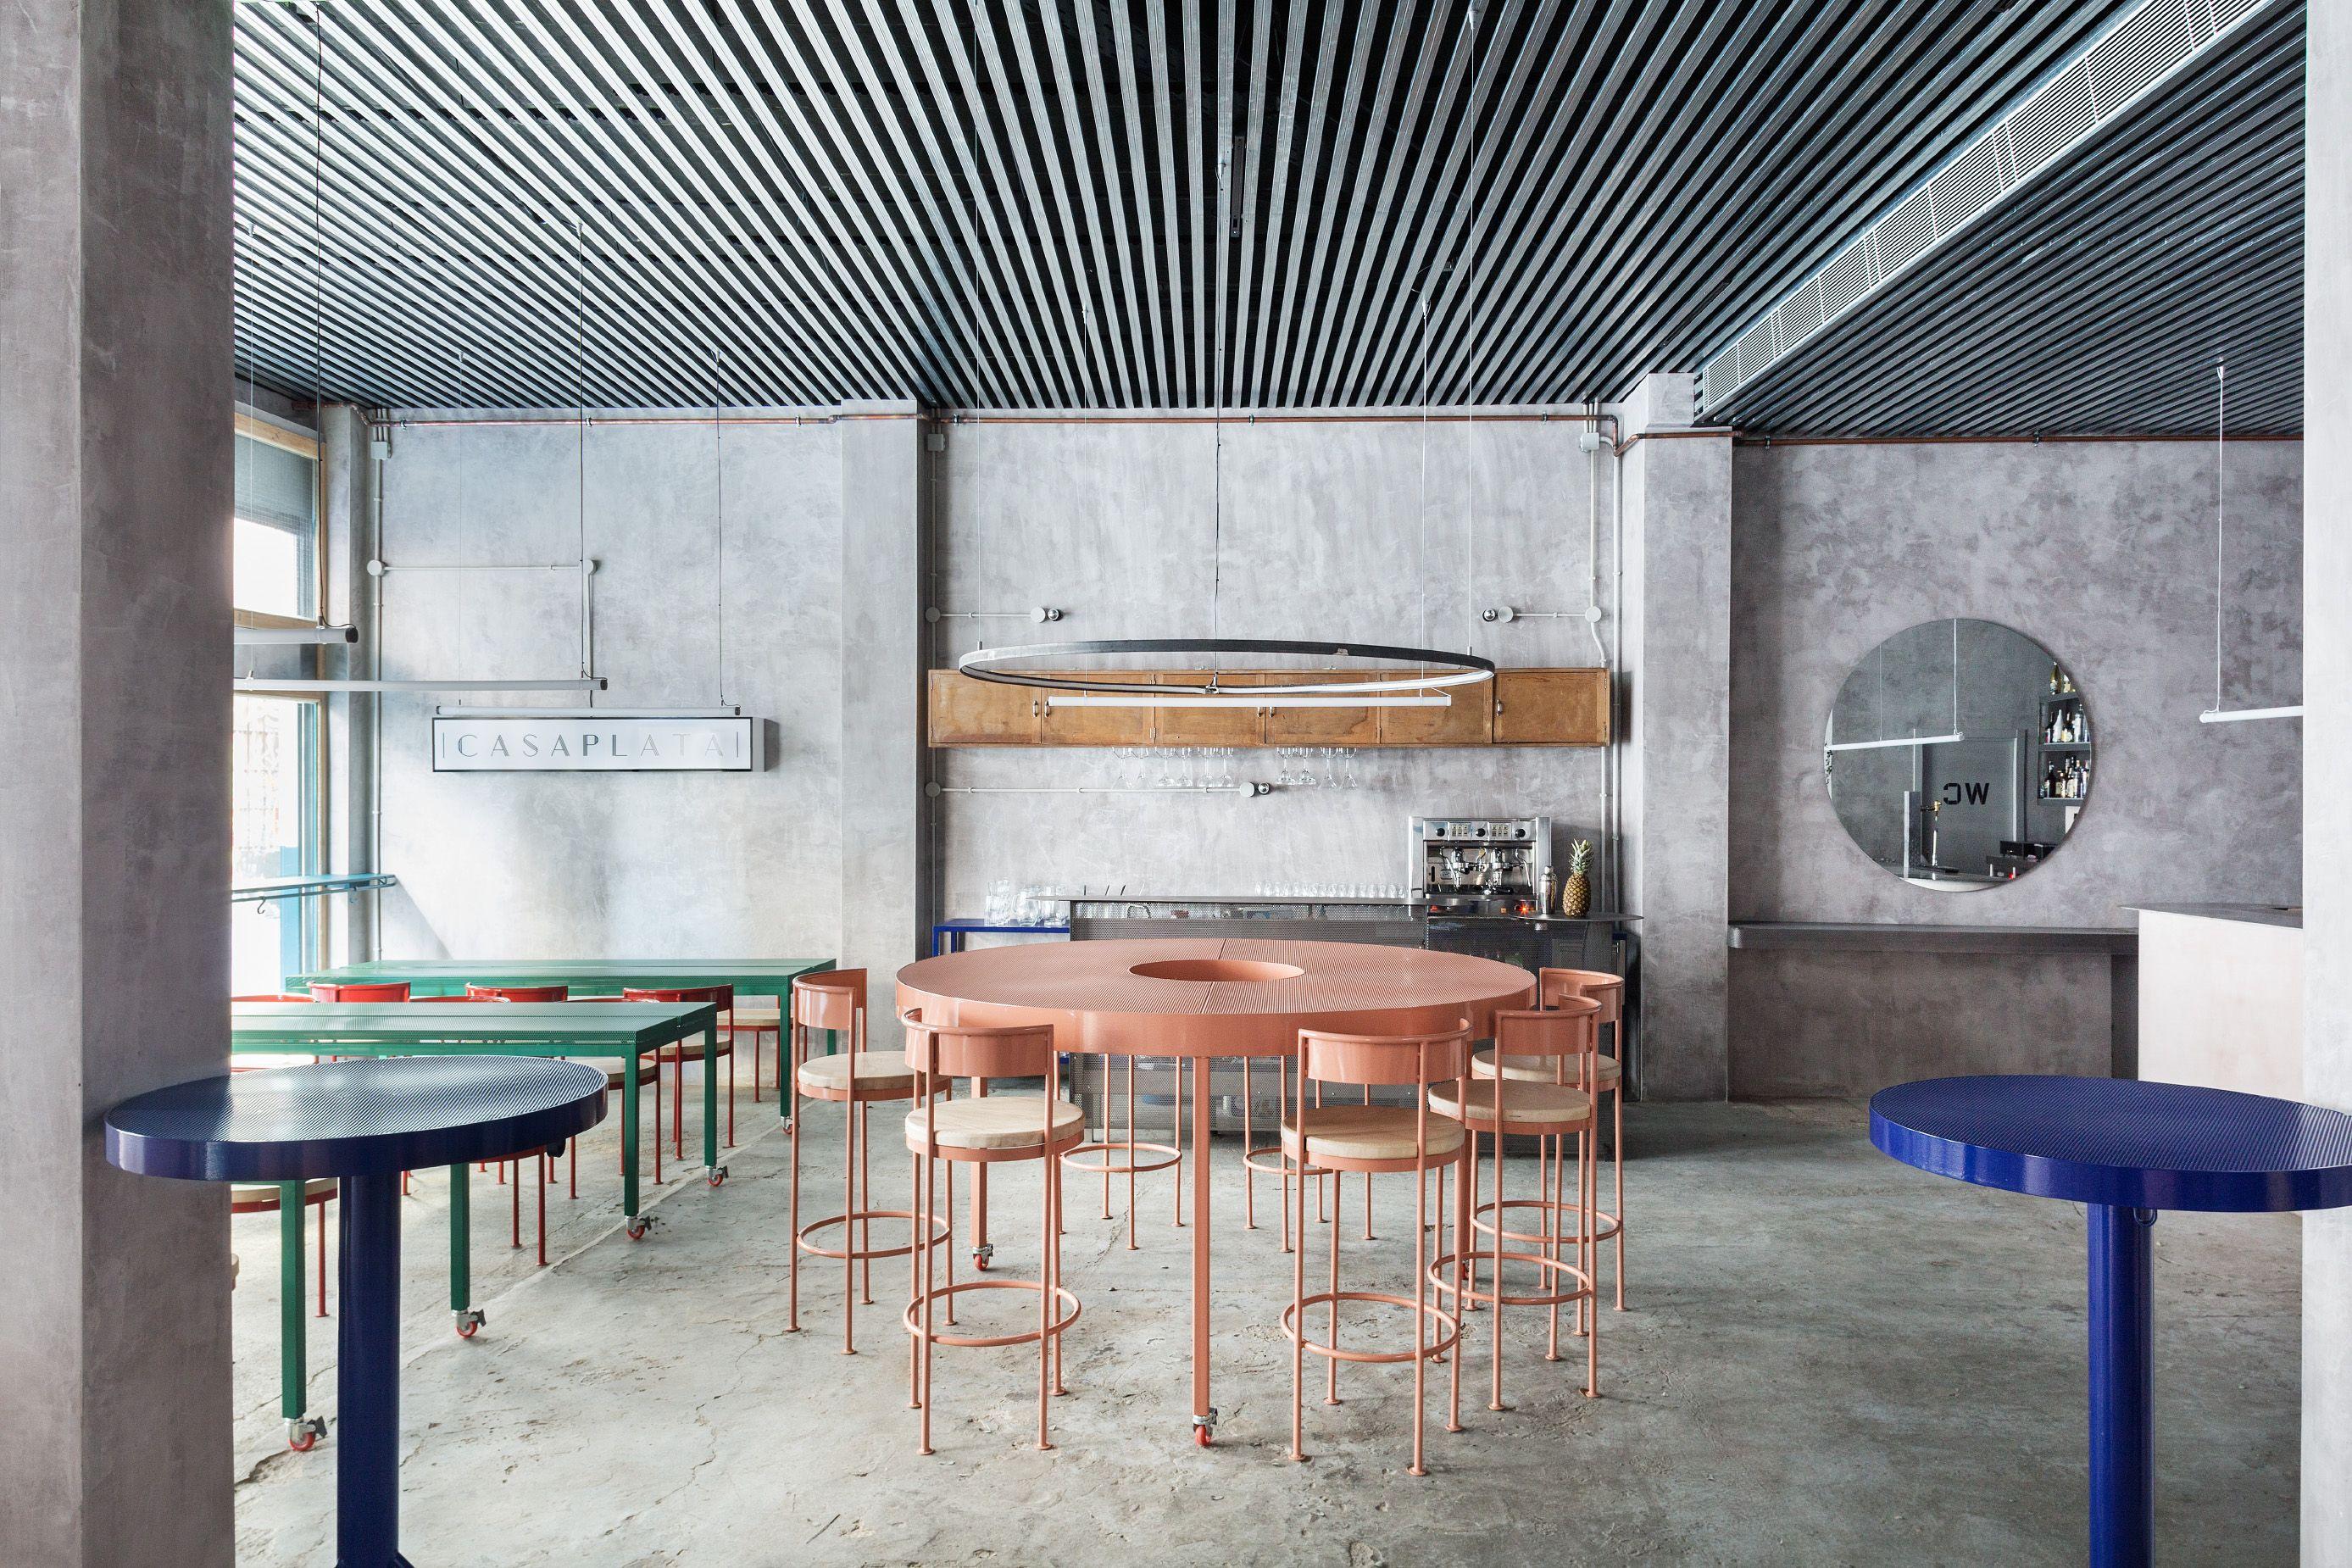 Restaurante casaplata sevilla restaurantes en sevilla